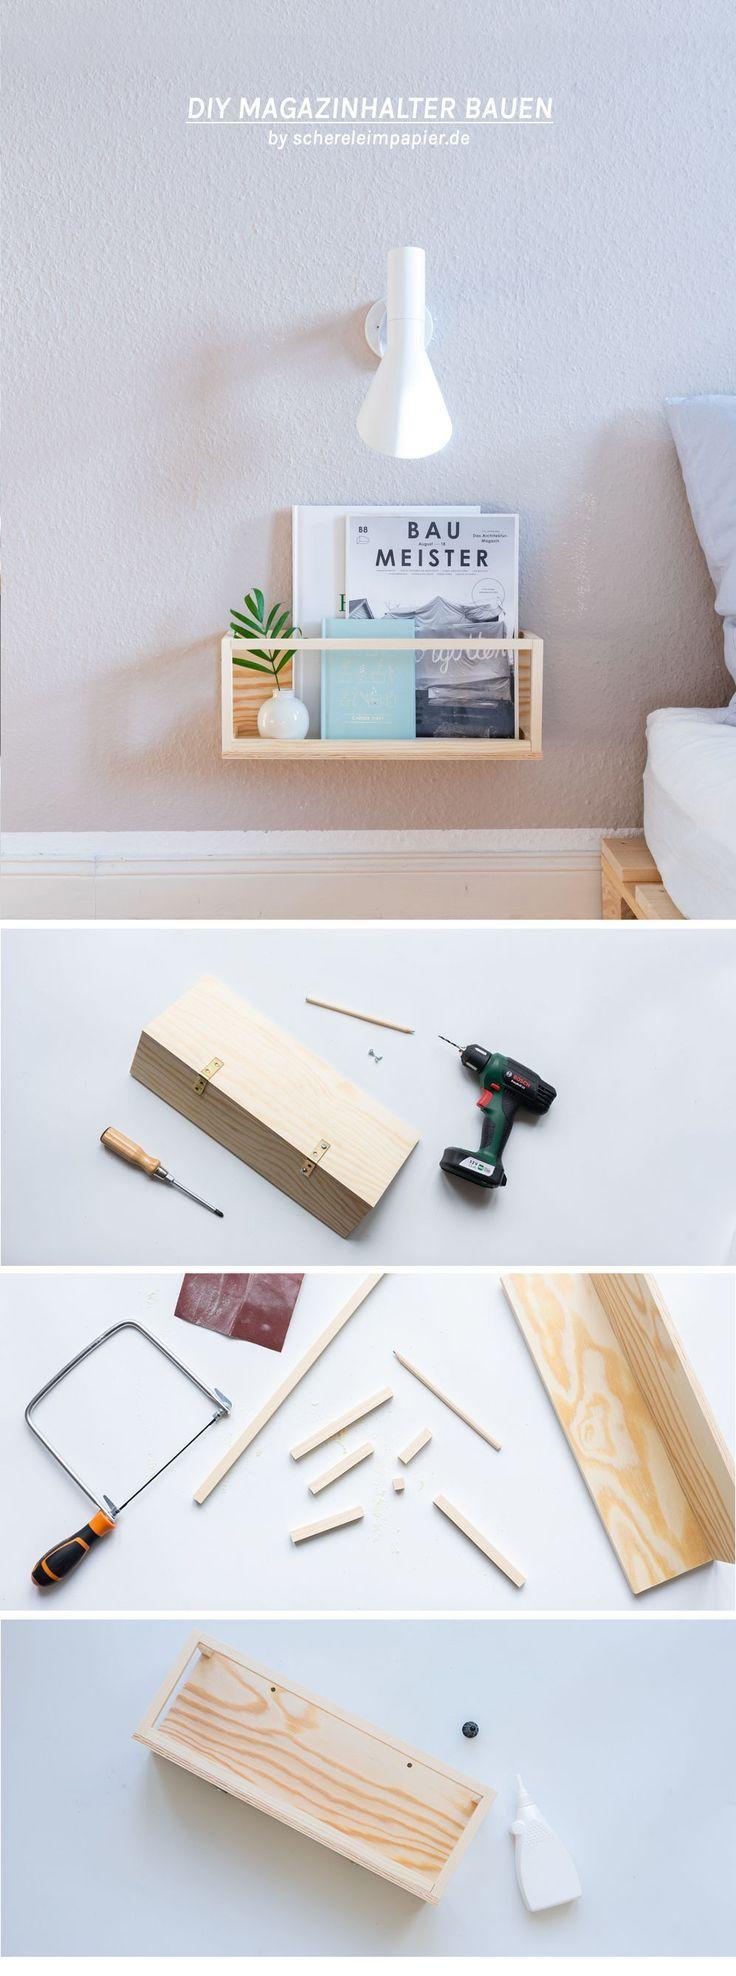 Ab an die Wand: DIY Zeitschriftenhalter aus Holz selber bauen |